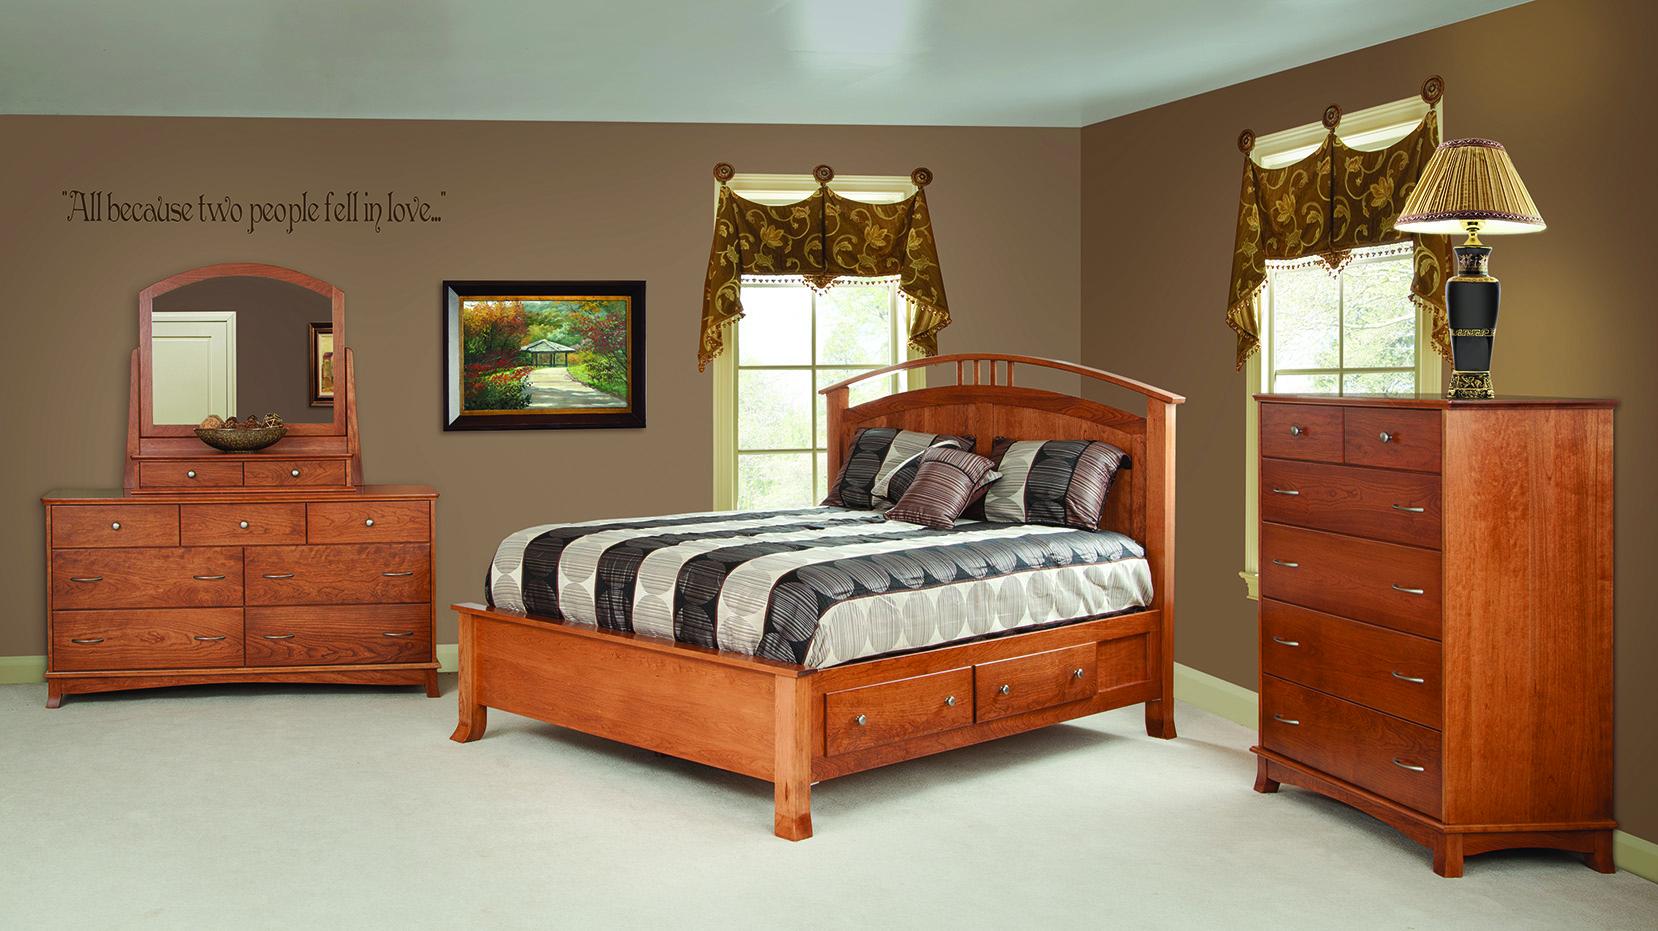 bedroom furniture - amish attic furniture - mentor, ohio